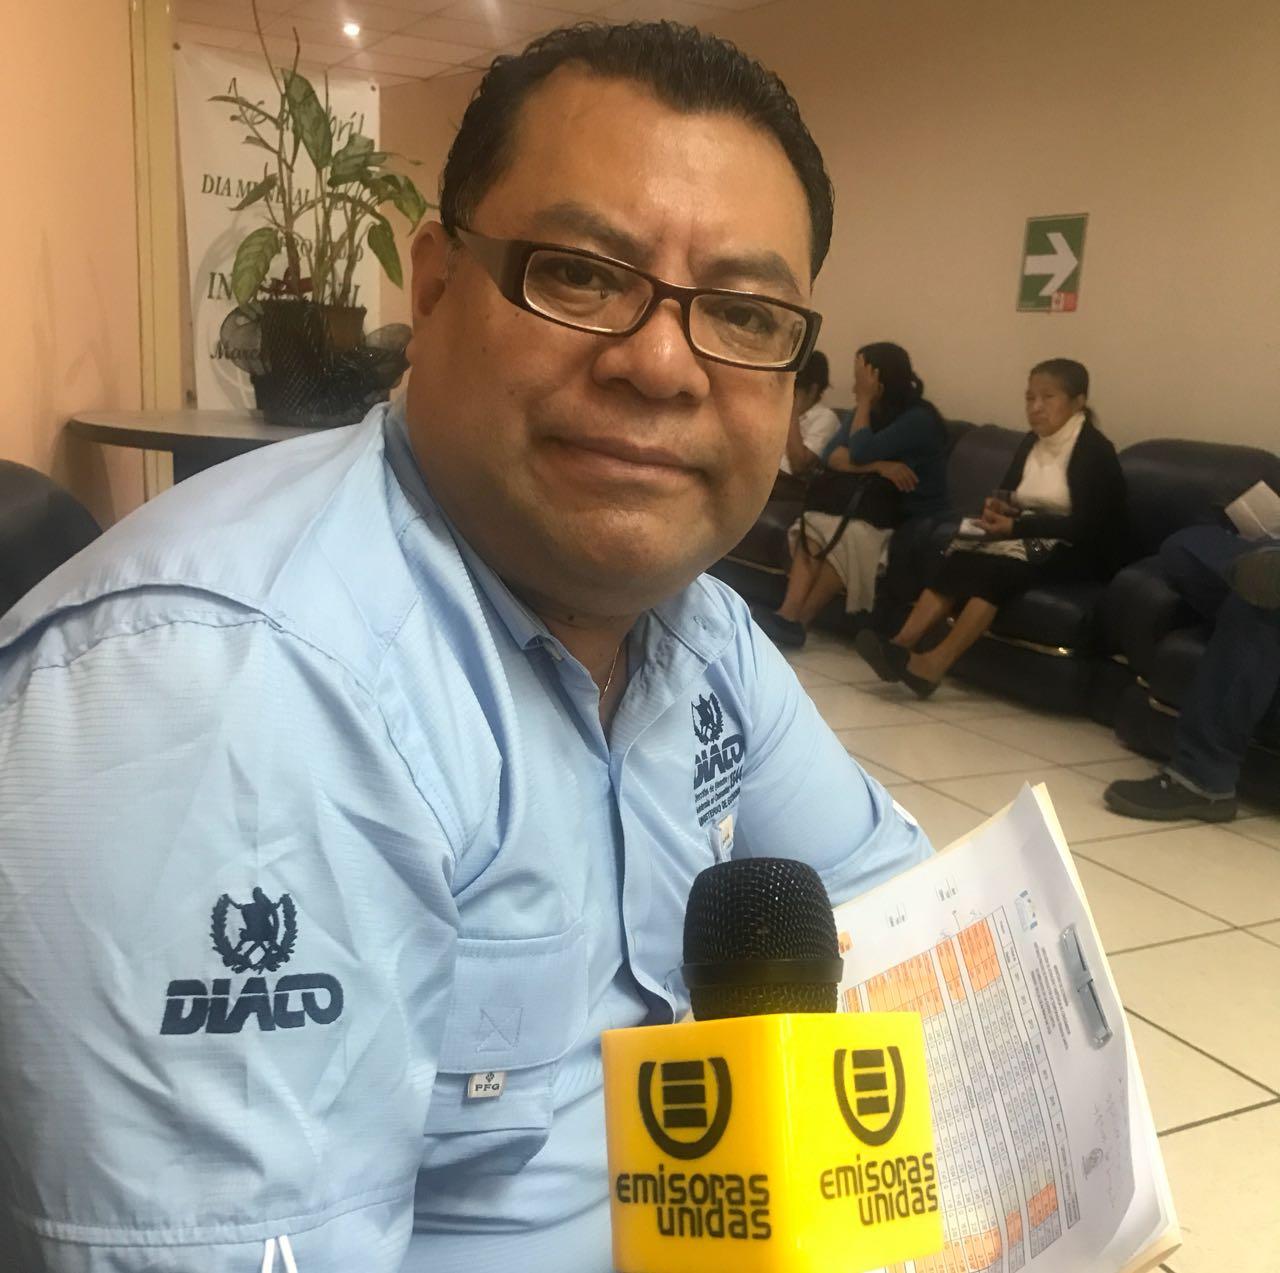 Carlos Vásquez, vocero de la Diaco, Emisoras Unidas EU Guatemala